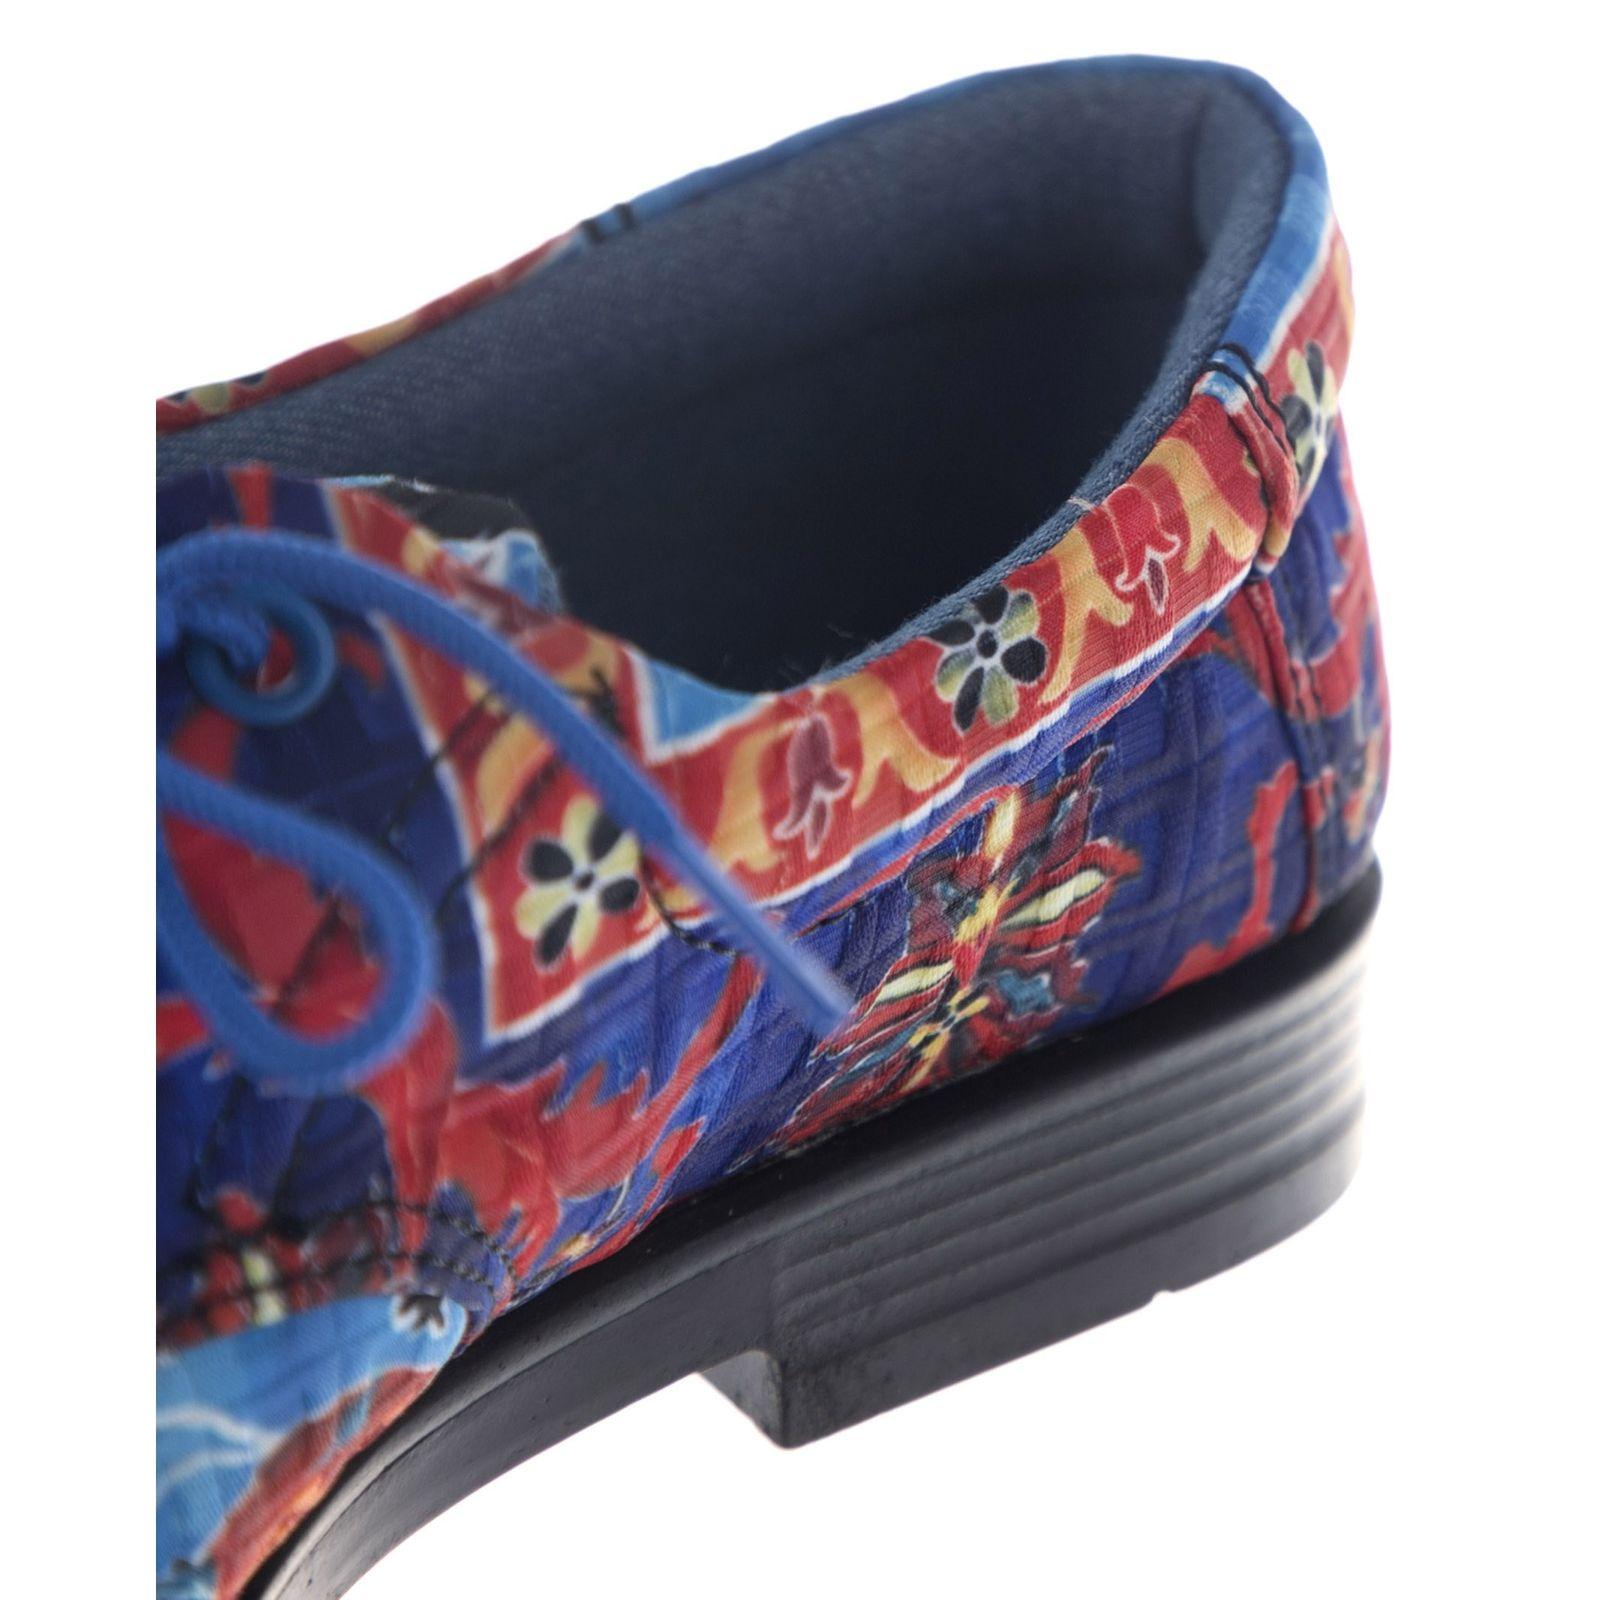 کفش تخت زنانه مدل نقاشی - مینا فخارزاده - قرمز/ آبی - 6